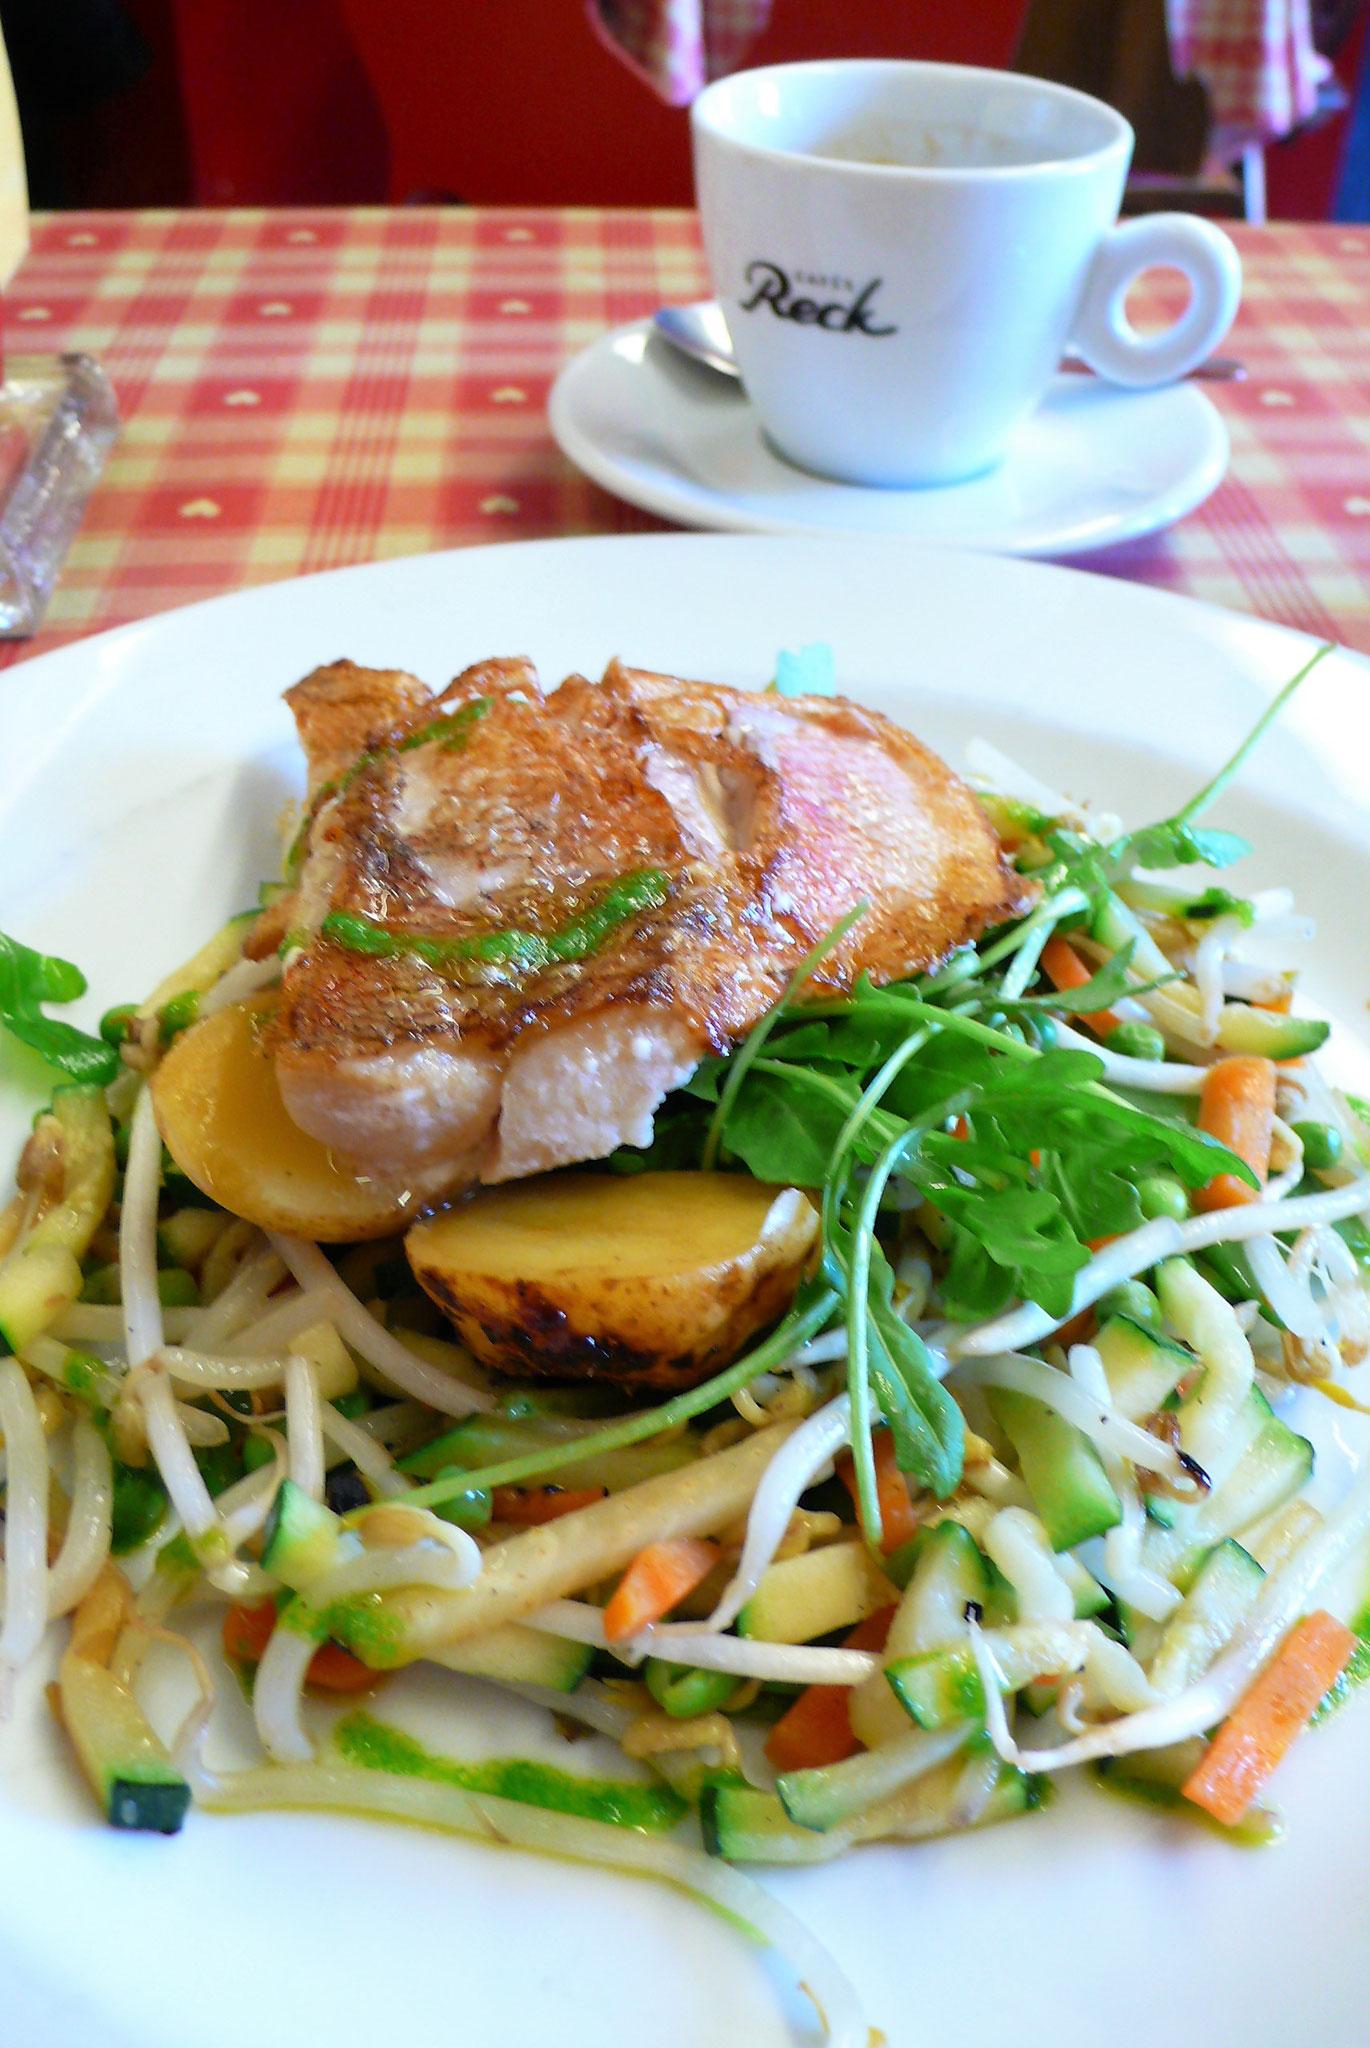 鯛のグリル加減も丁度よく、色んな種類のお野菜も新鮮でシャキシャキ